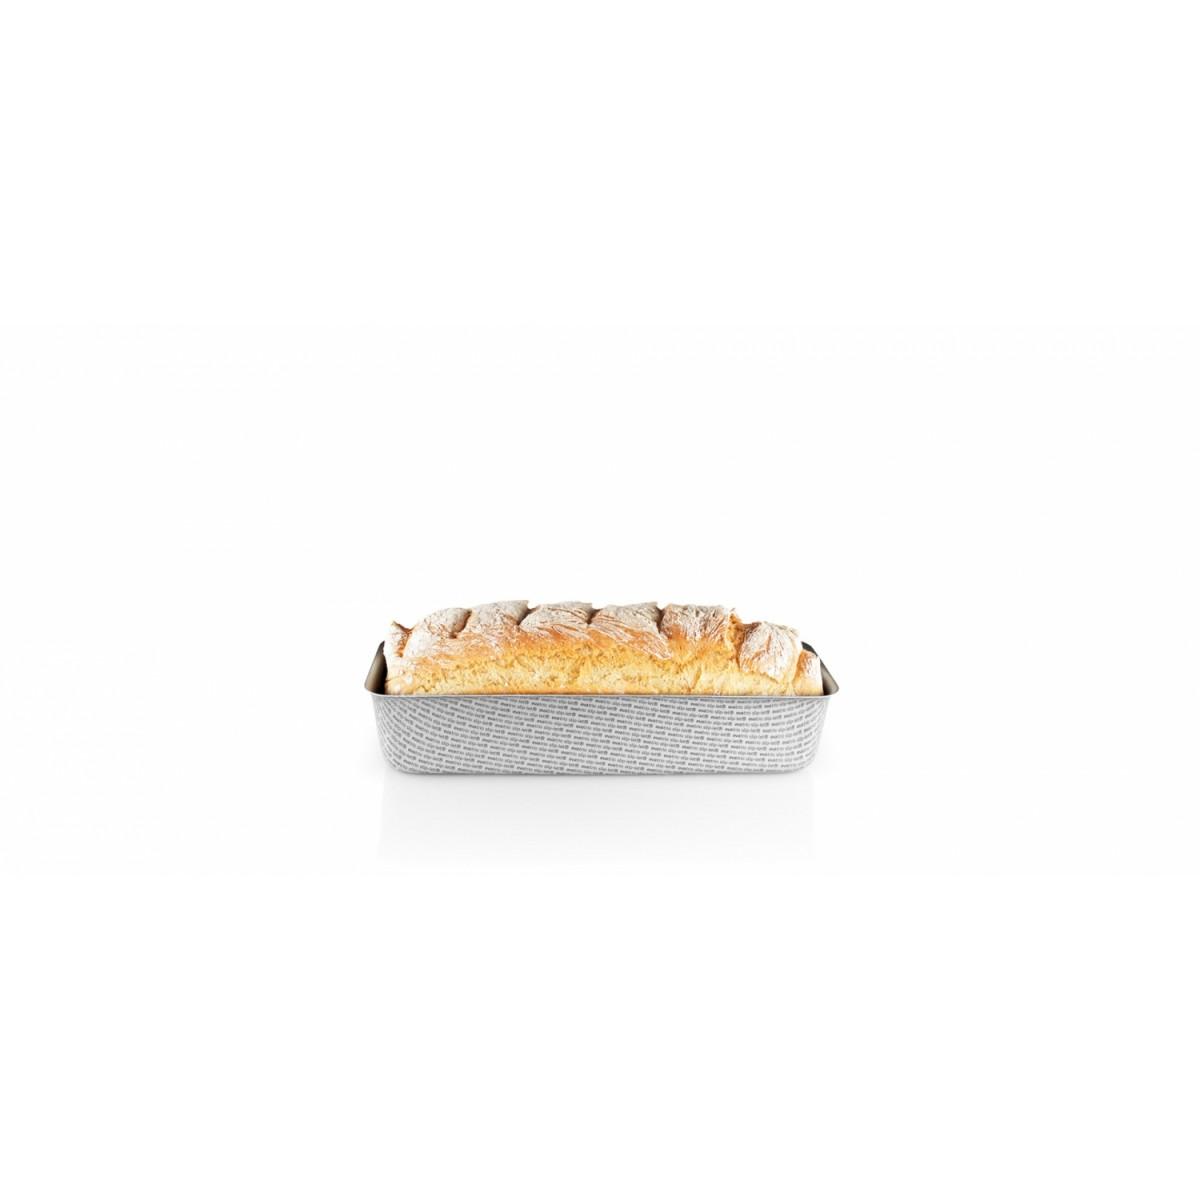 EVA TRIO Brødform 1,7 ltr.